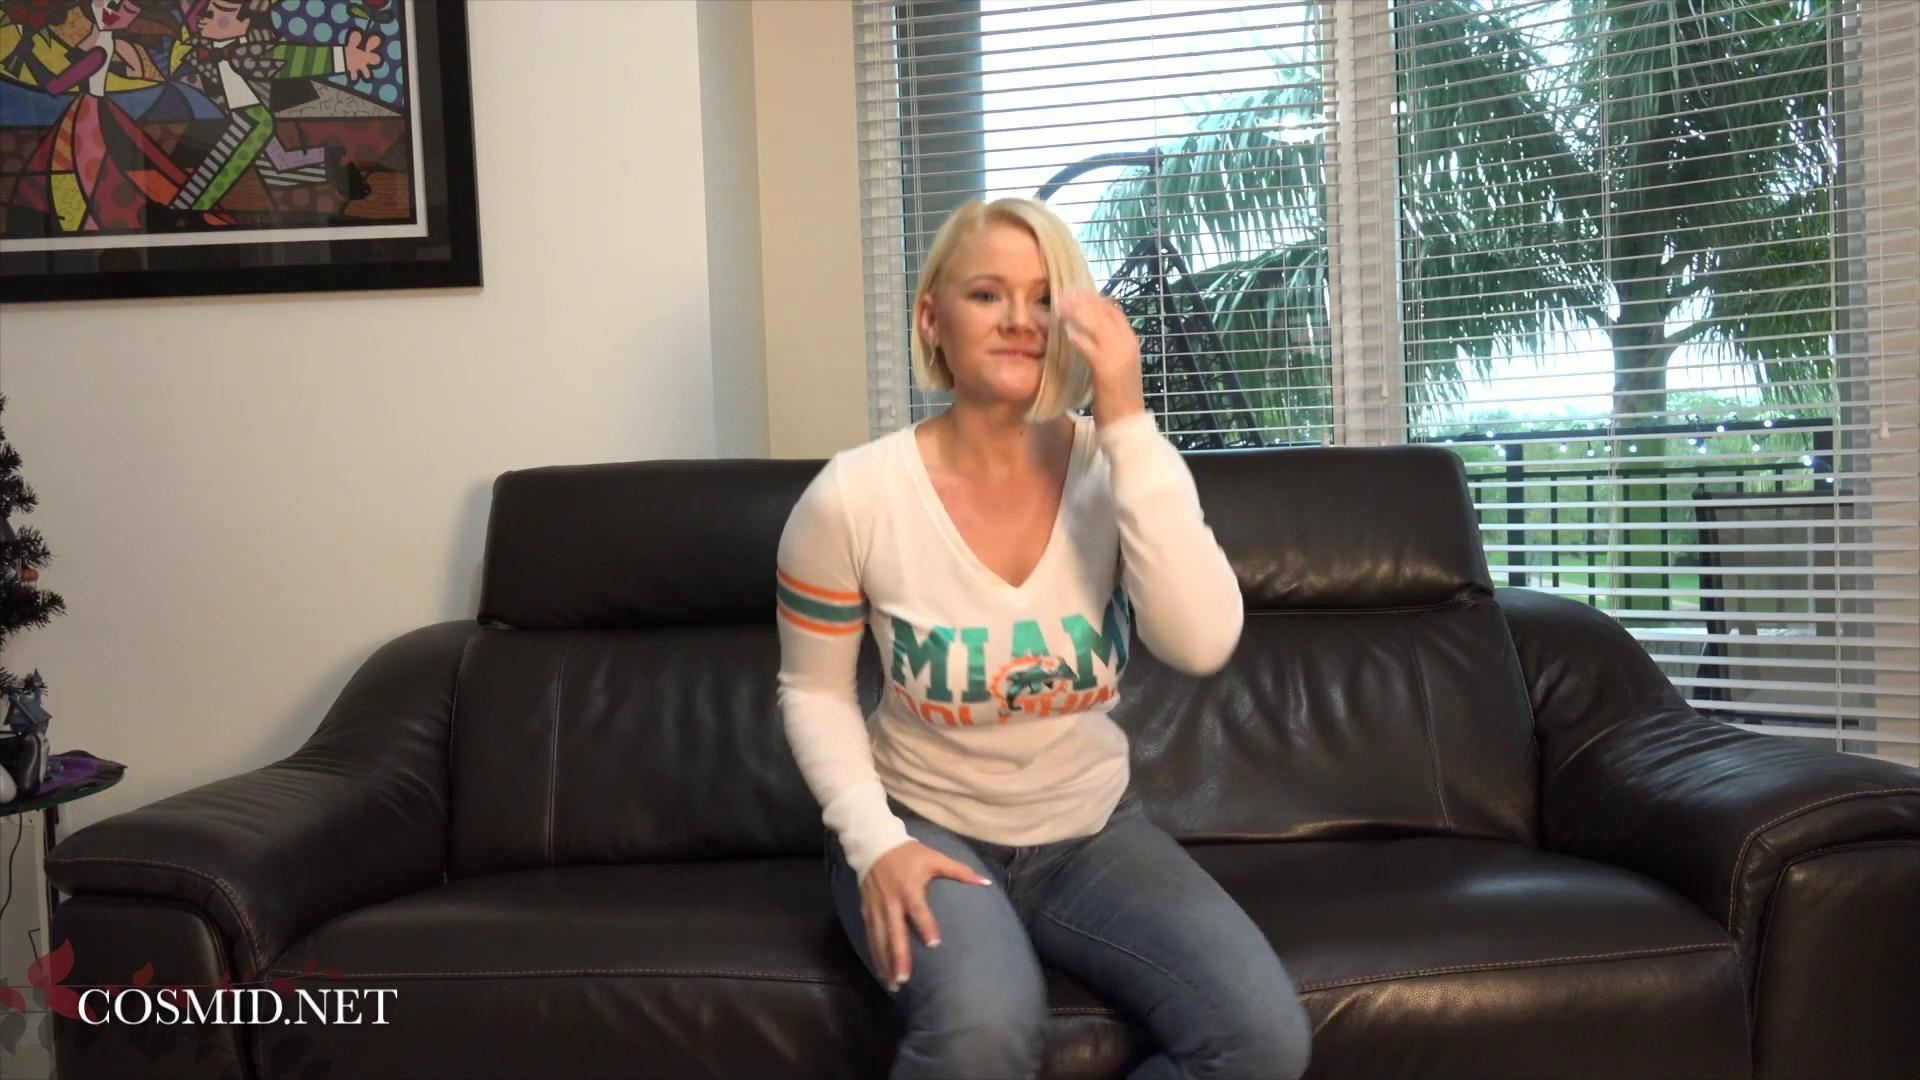 Cosmid – Katie Katie 8 Years Later